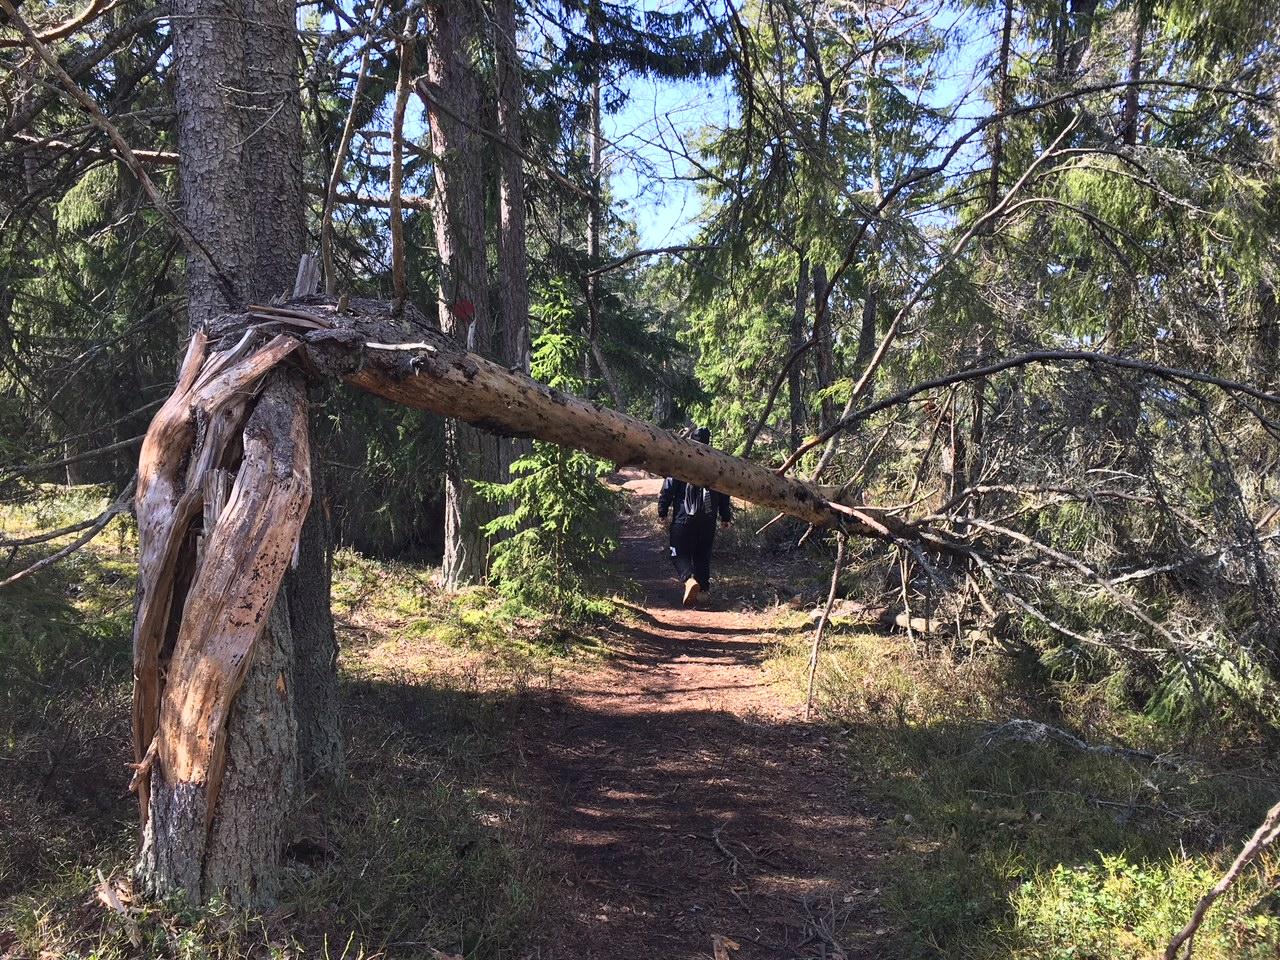 How to go hiking in Porkkalanniemi